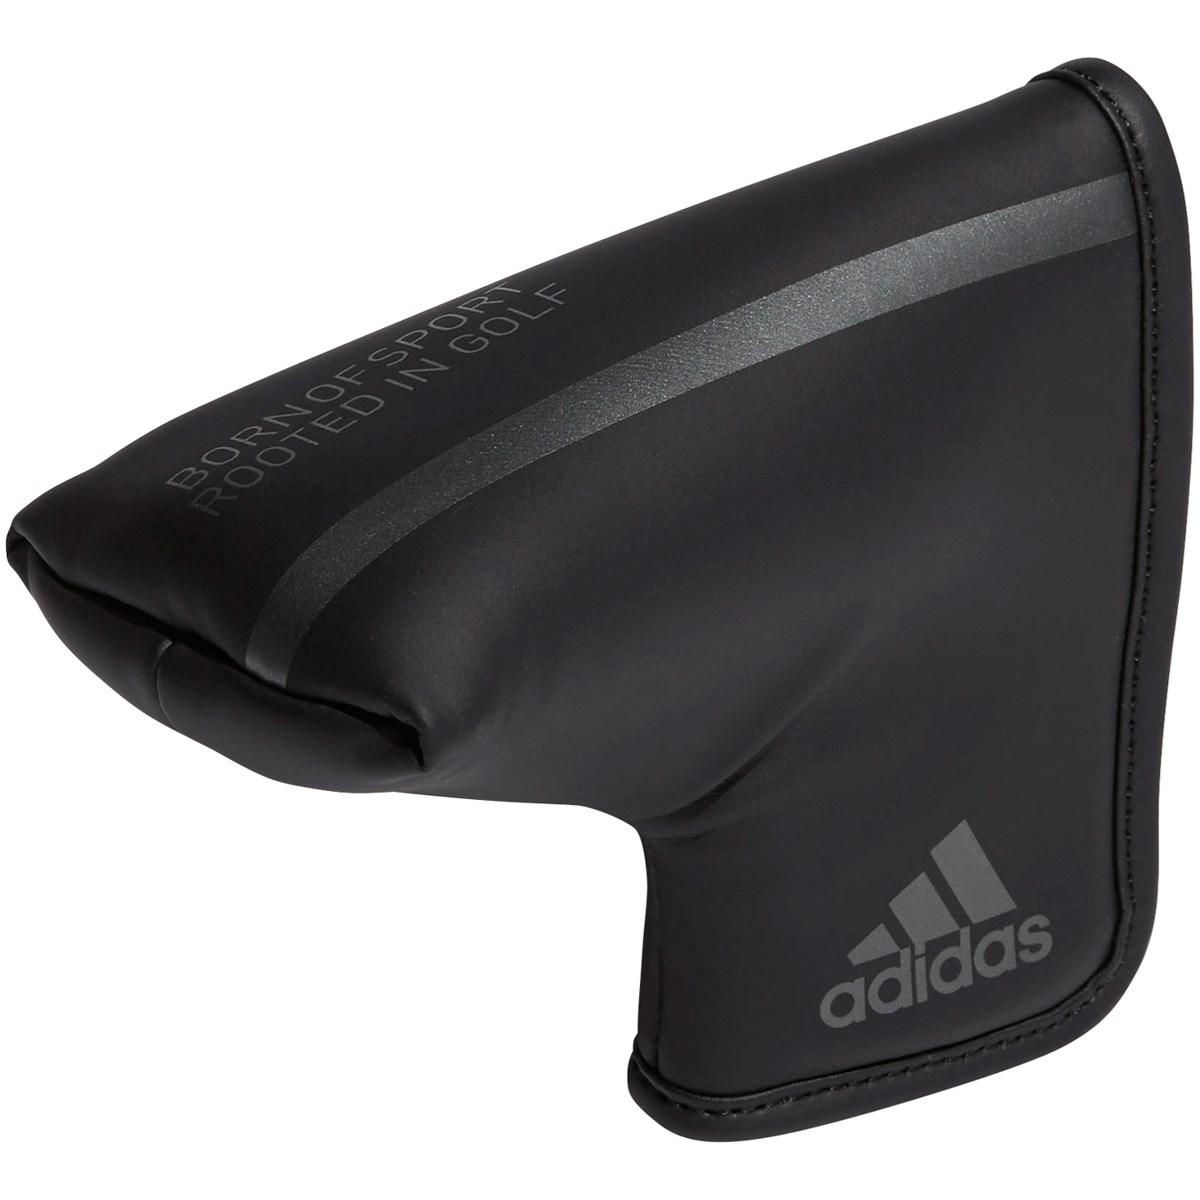 アディダス(adidas) マット パターカバー ピン~マレットタイプ